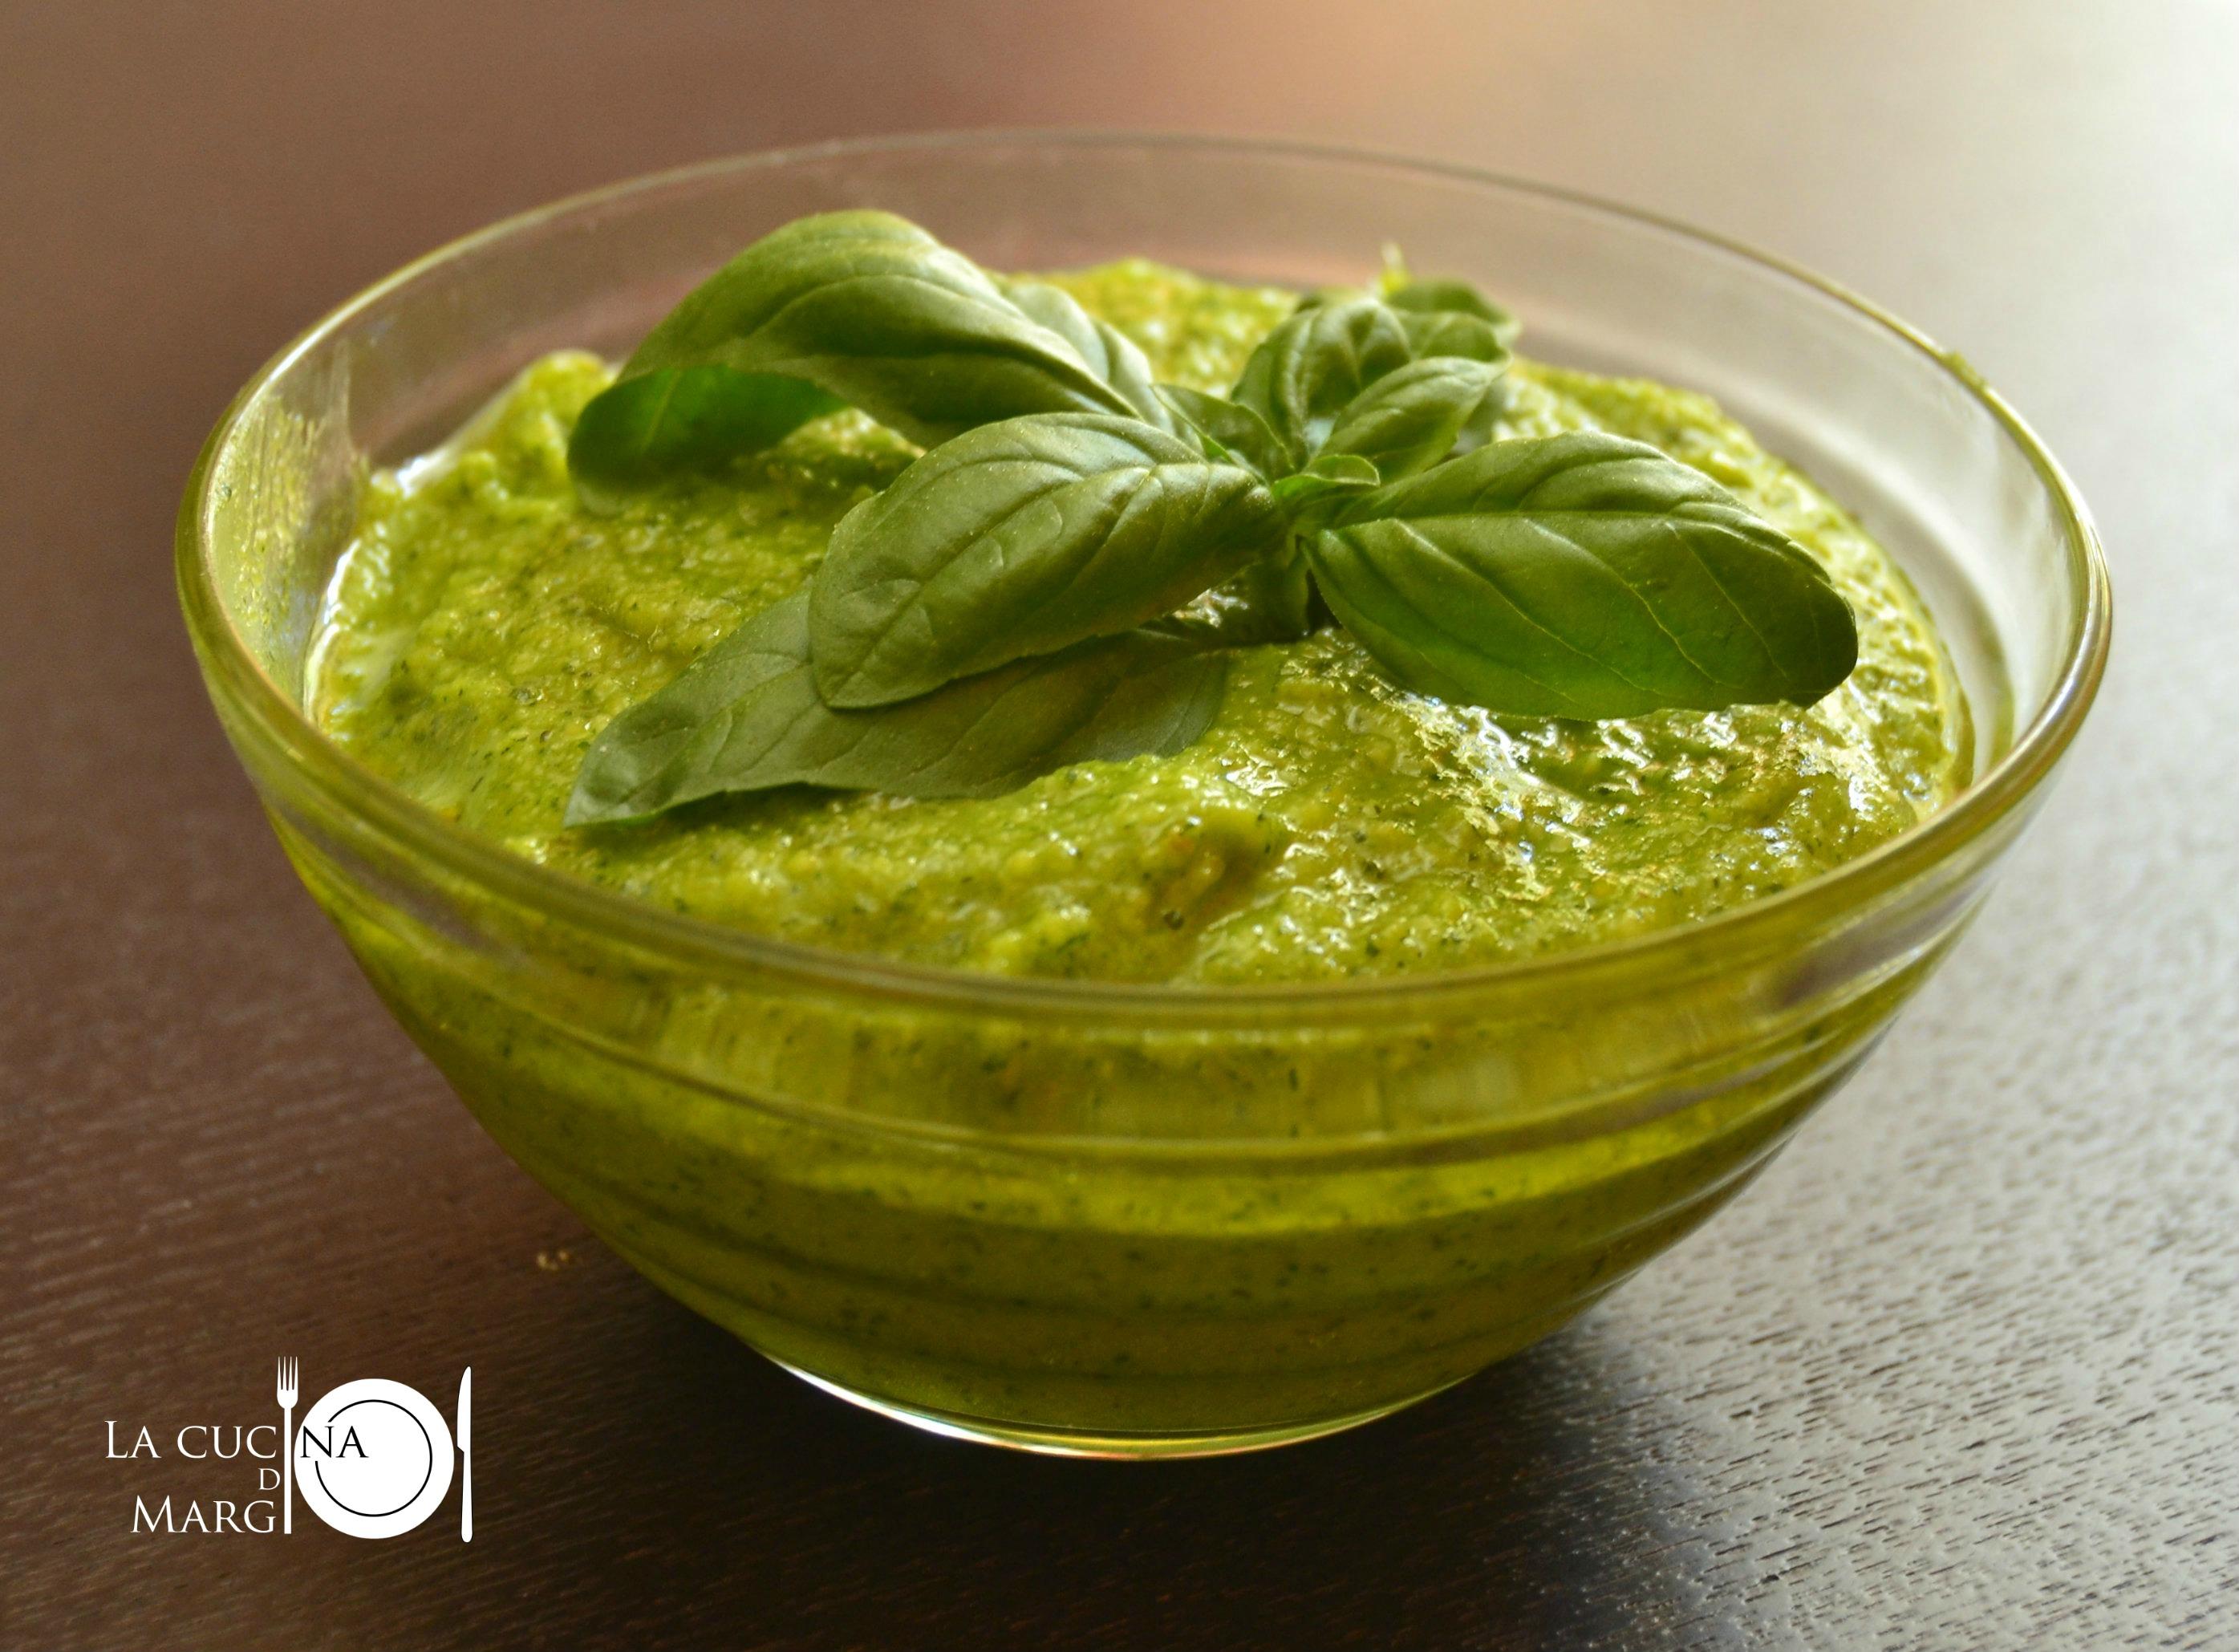 Ricetta Pesto Genovese Bimby.Pesto Alla Genovese 02 Ritagliata Logo Dsc 2204 La Cucina Di Margi